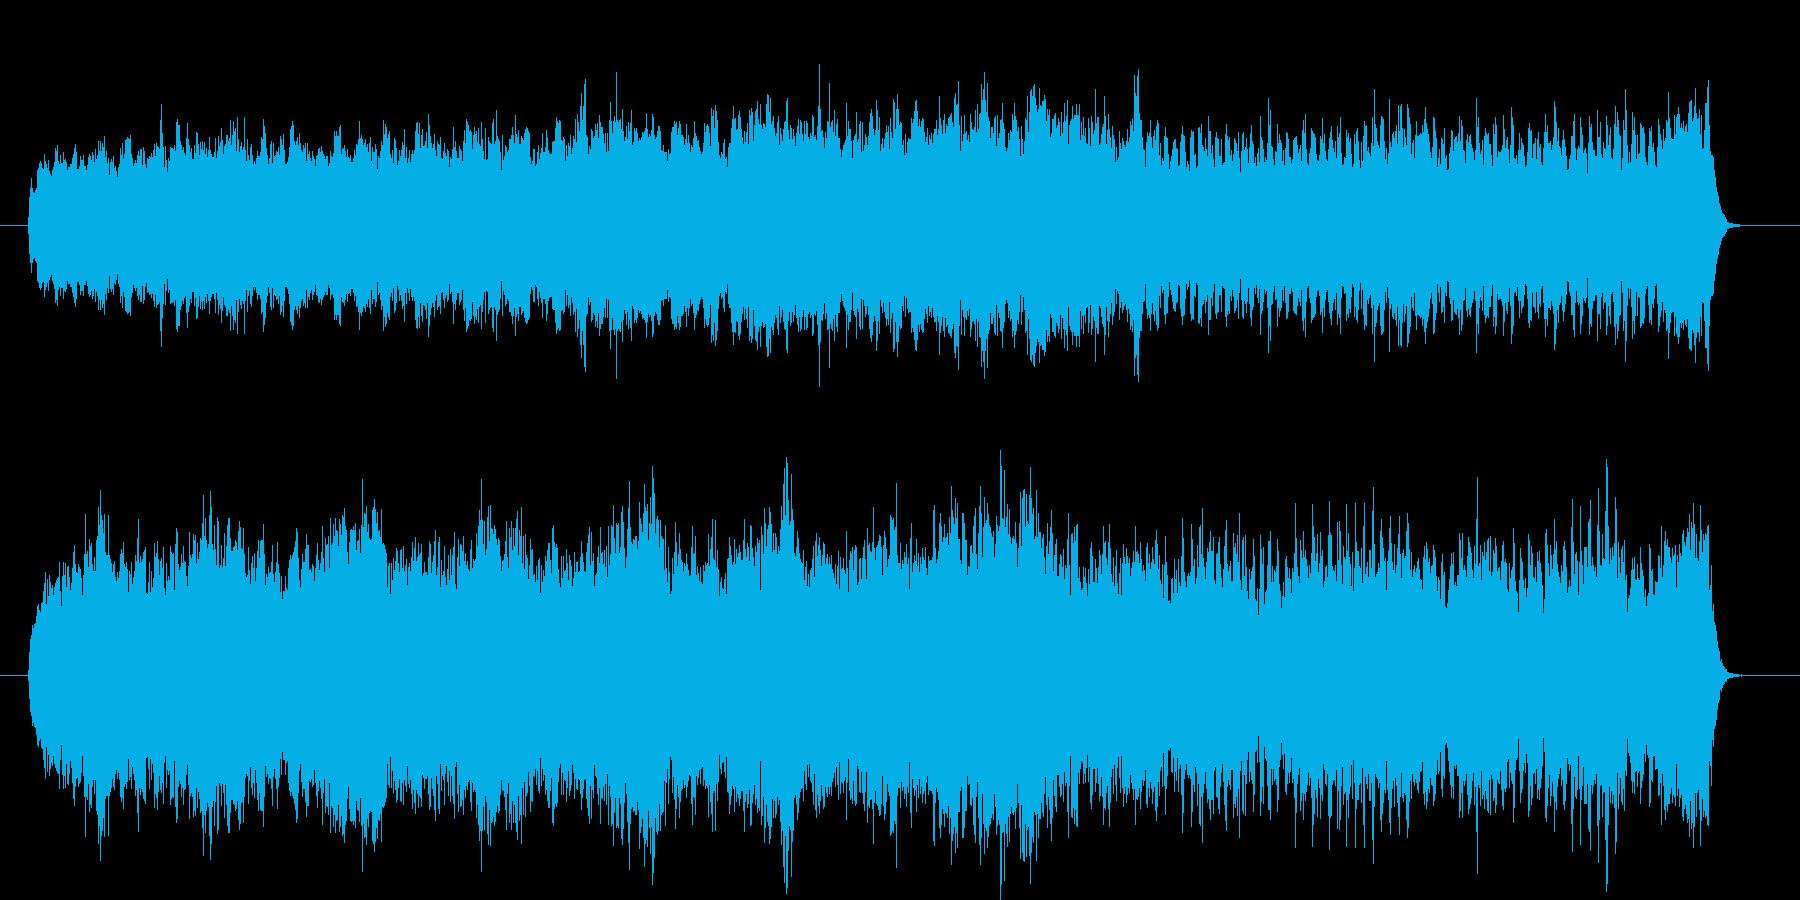 春の海辺をイメージした曲の再生済みの波形